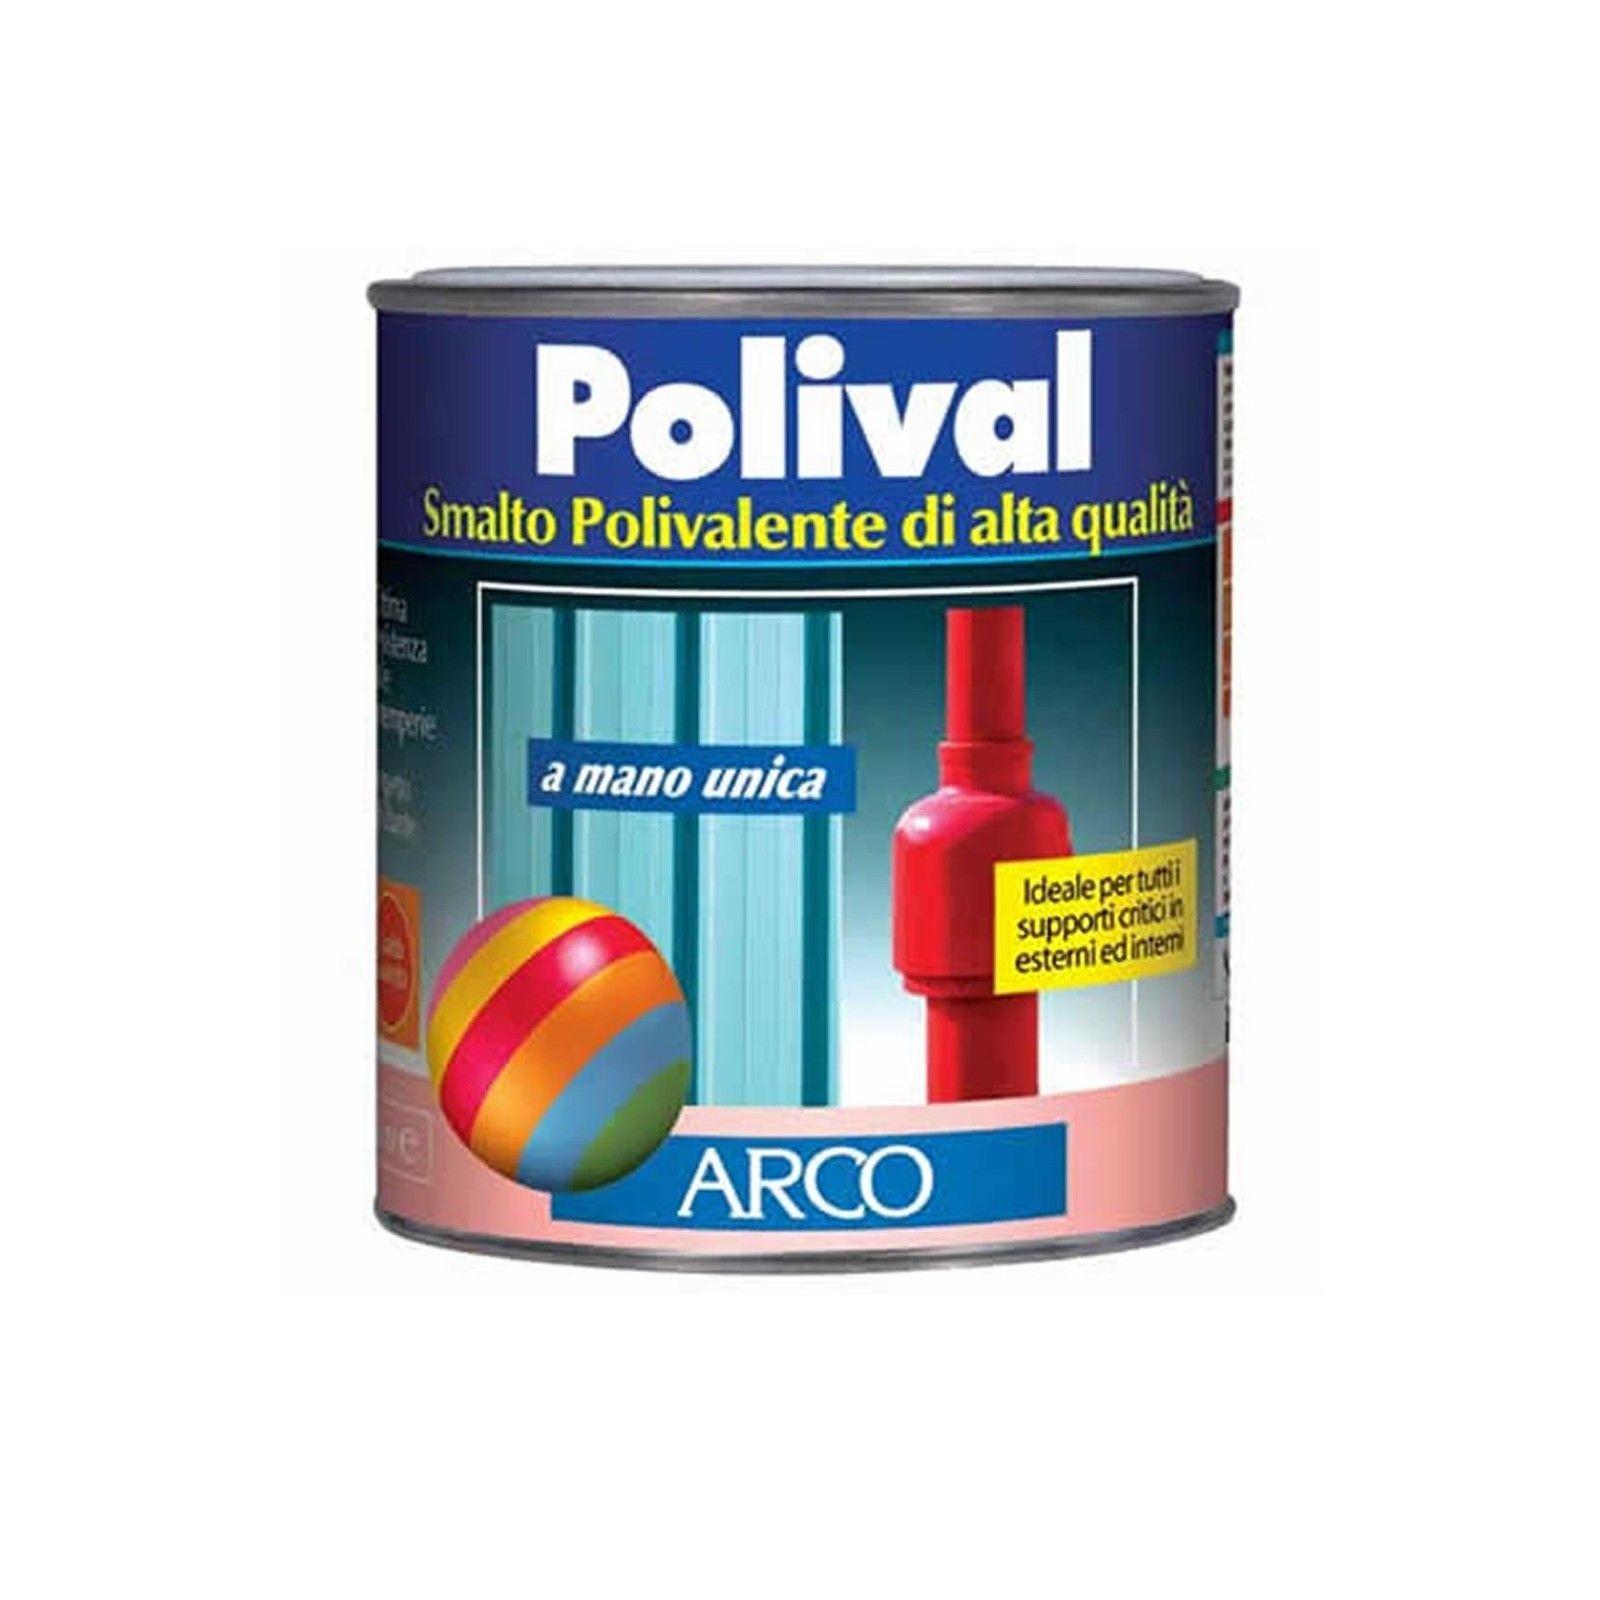 Arco Polival smalto 750ml mano unica per plastica vetro lamiera colore bianco lucido